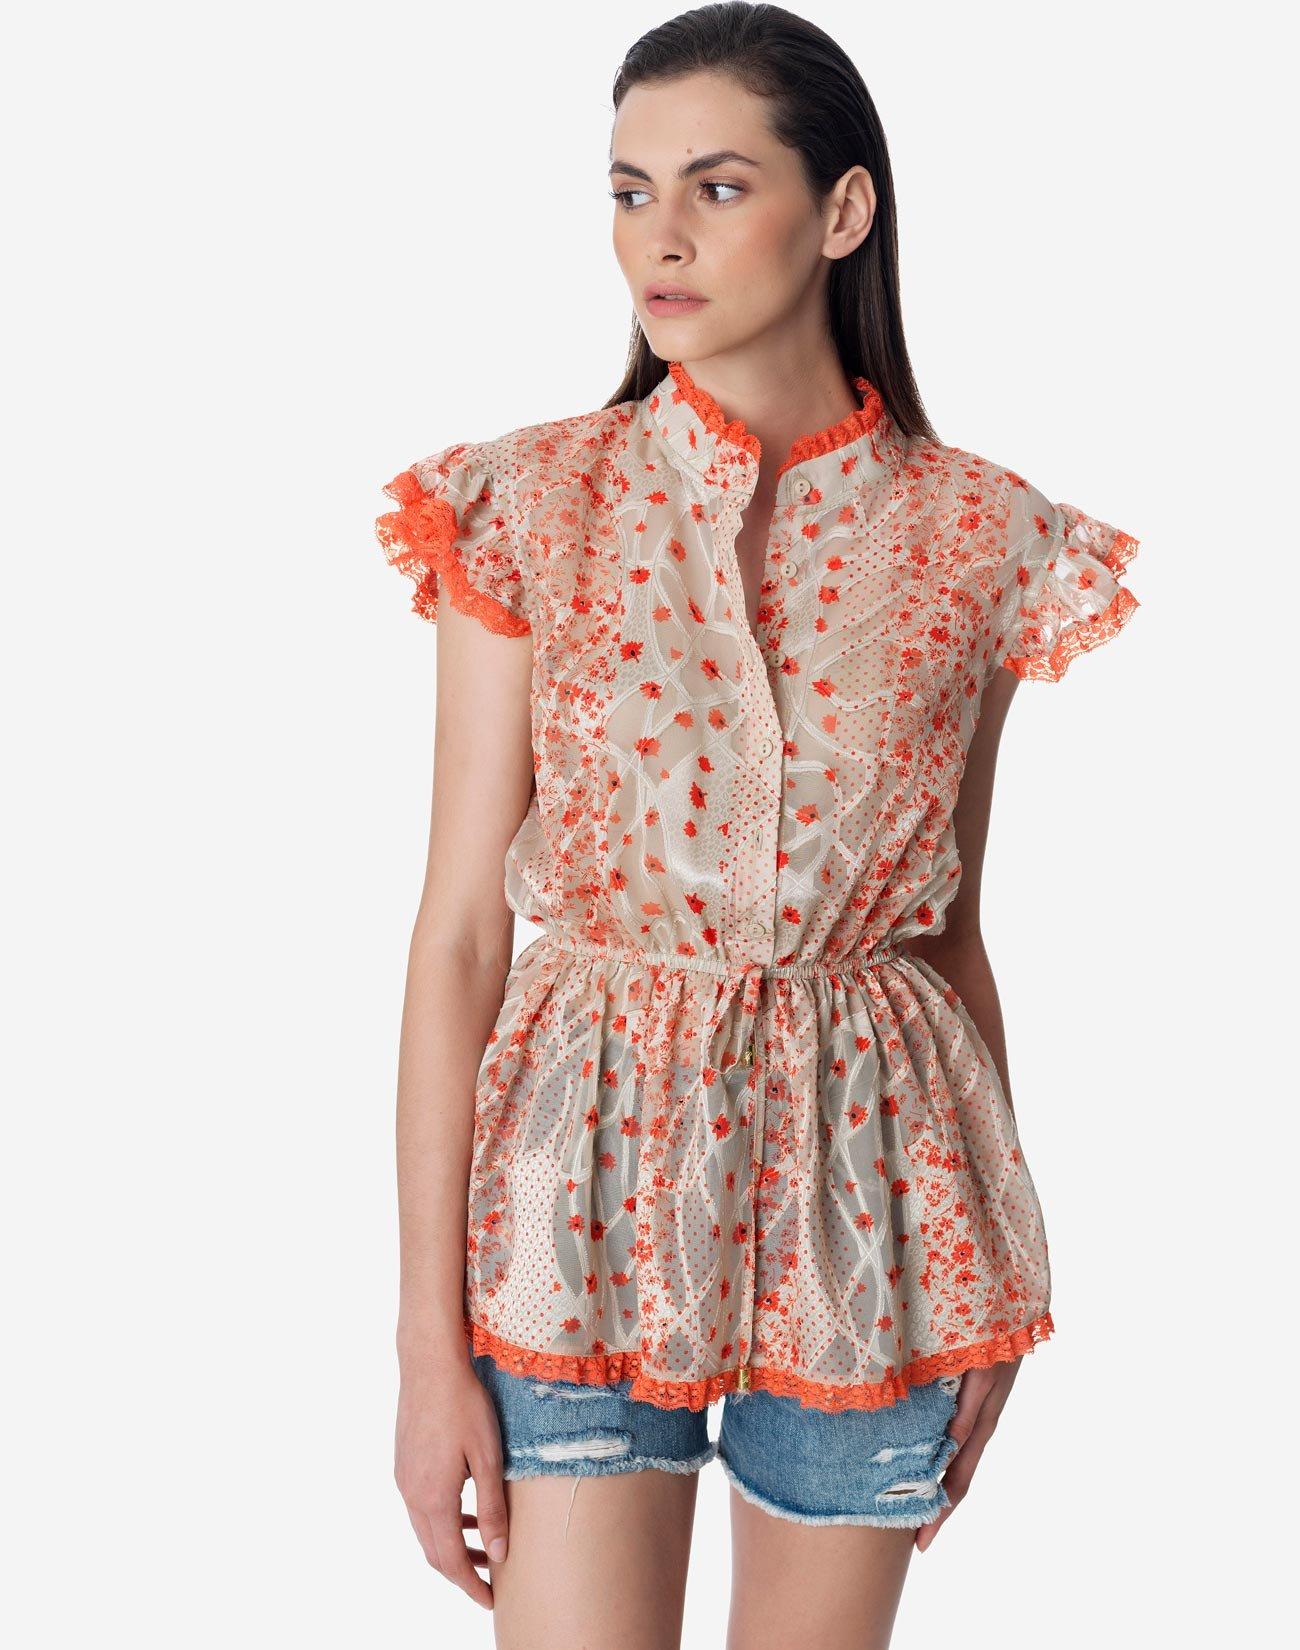 Semi sheer floral print top